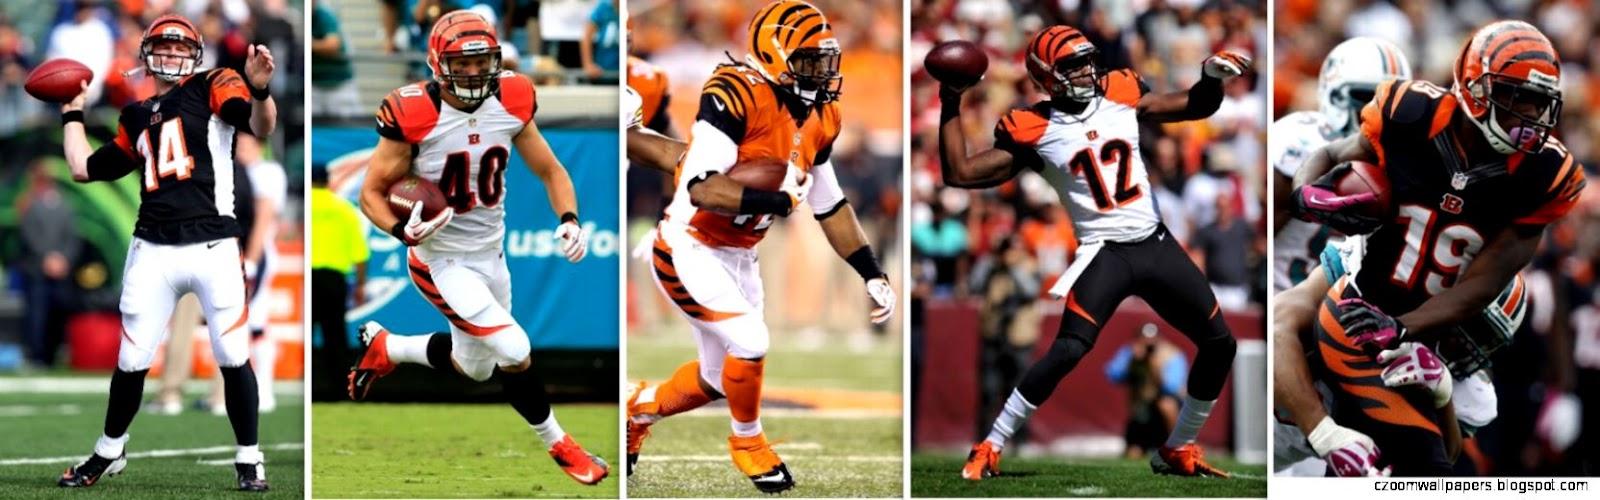 ESPNs Uni Watch ranks Bengals uniforms among worst in NFL   Cincy